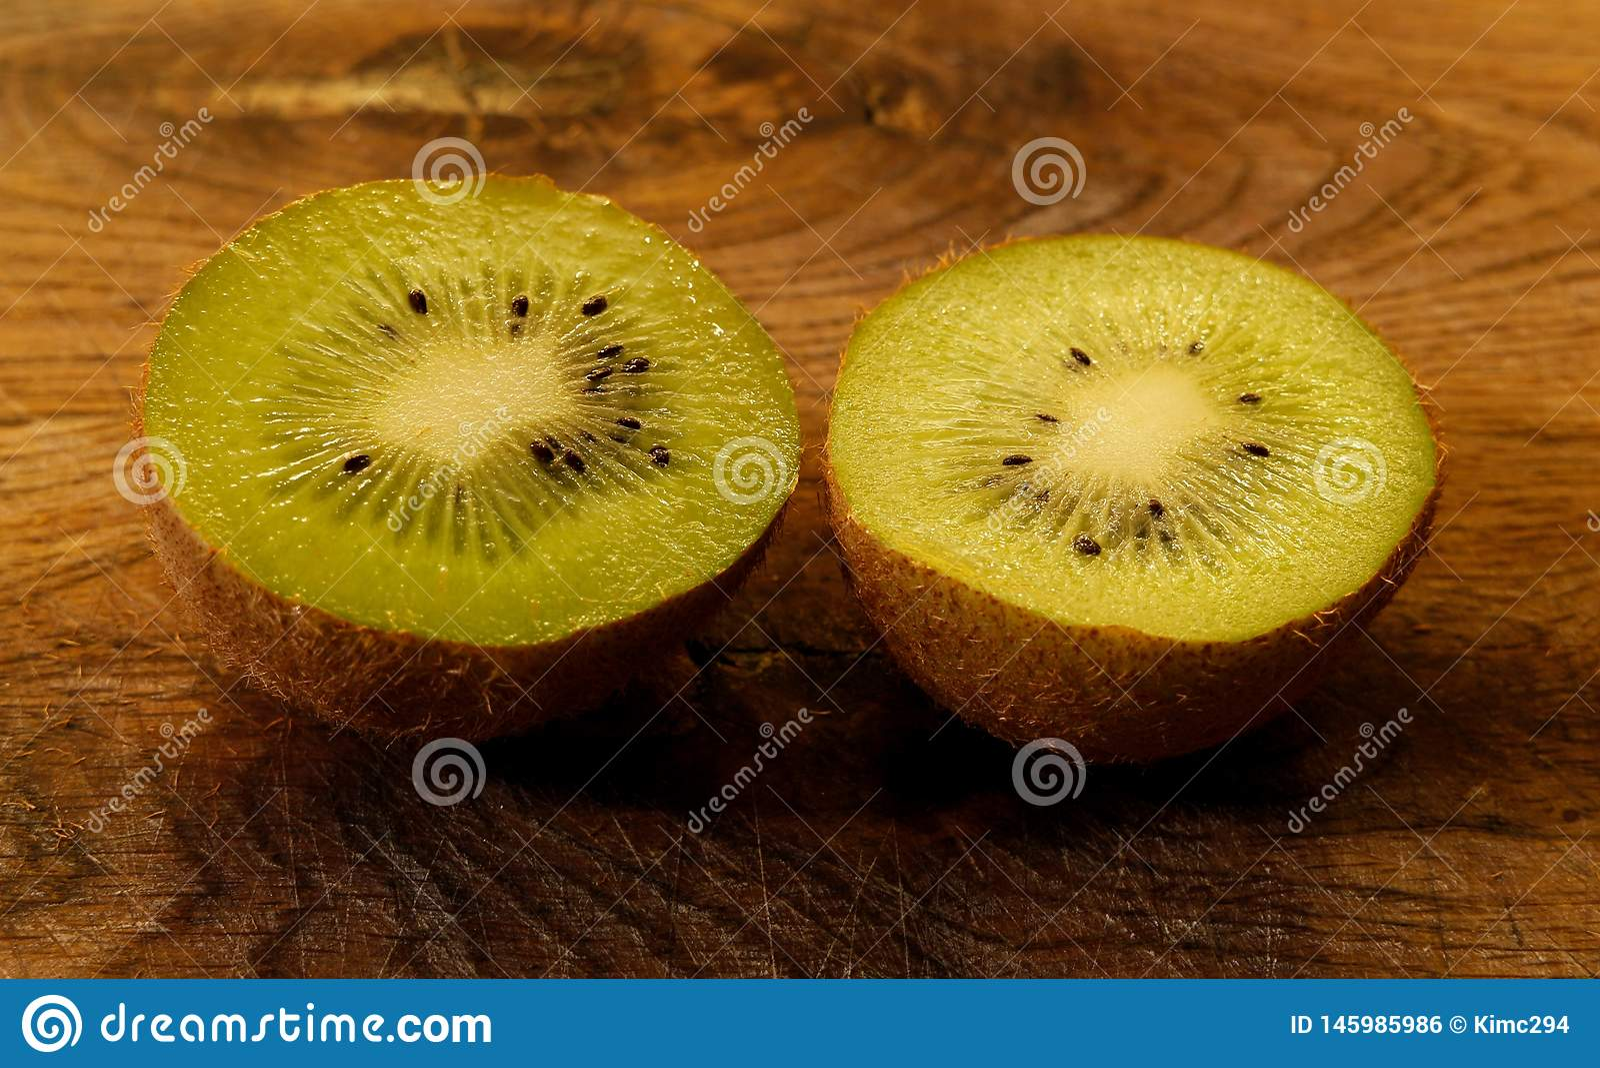 Stäng sig upp på en kiwifruit som delas i halva på en träskärbräda Ljust - grön kiwi med svart frö